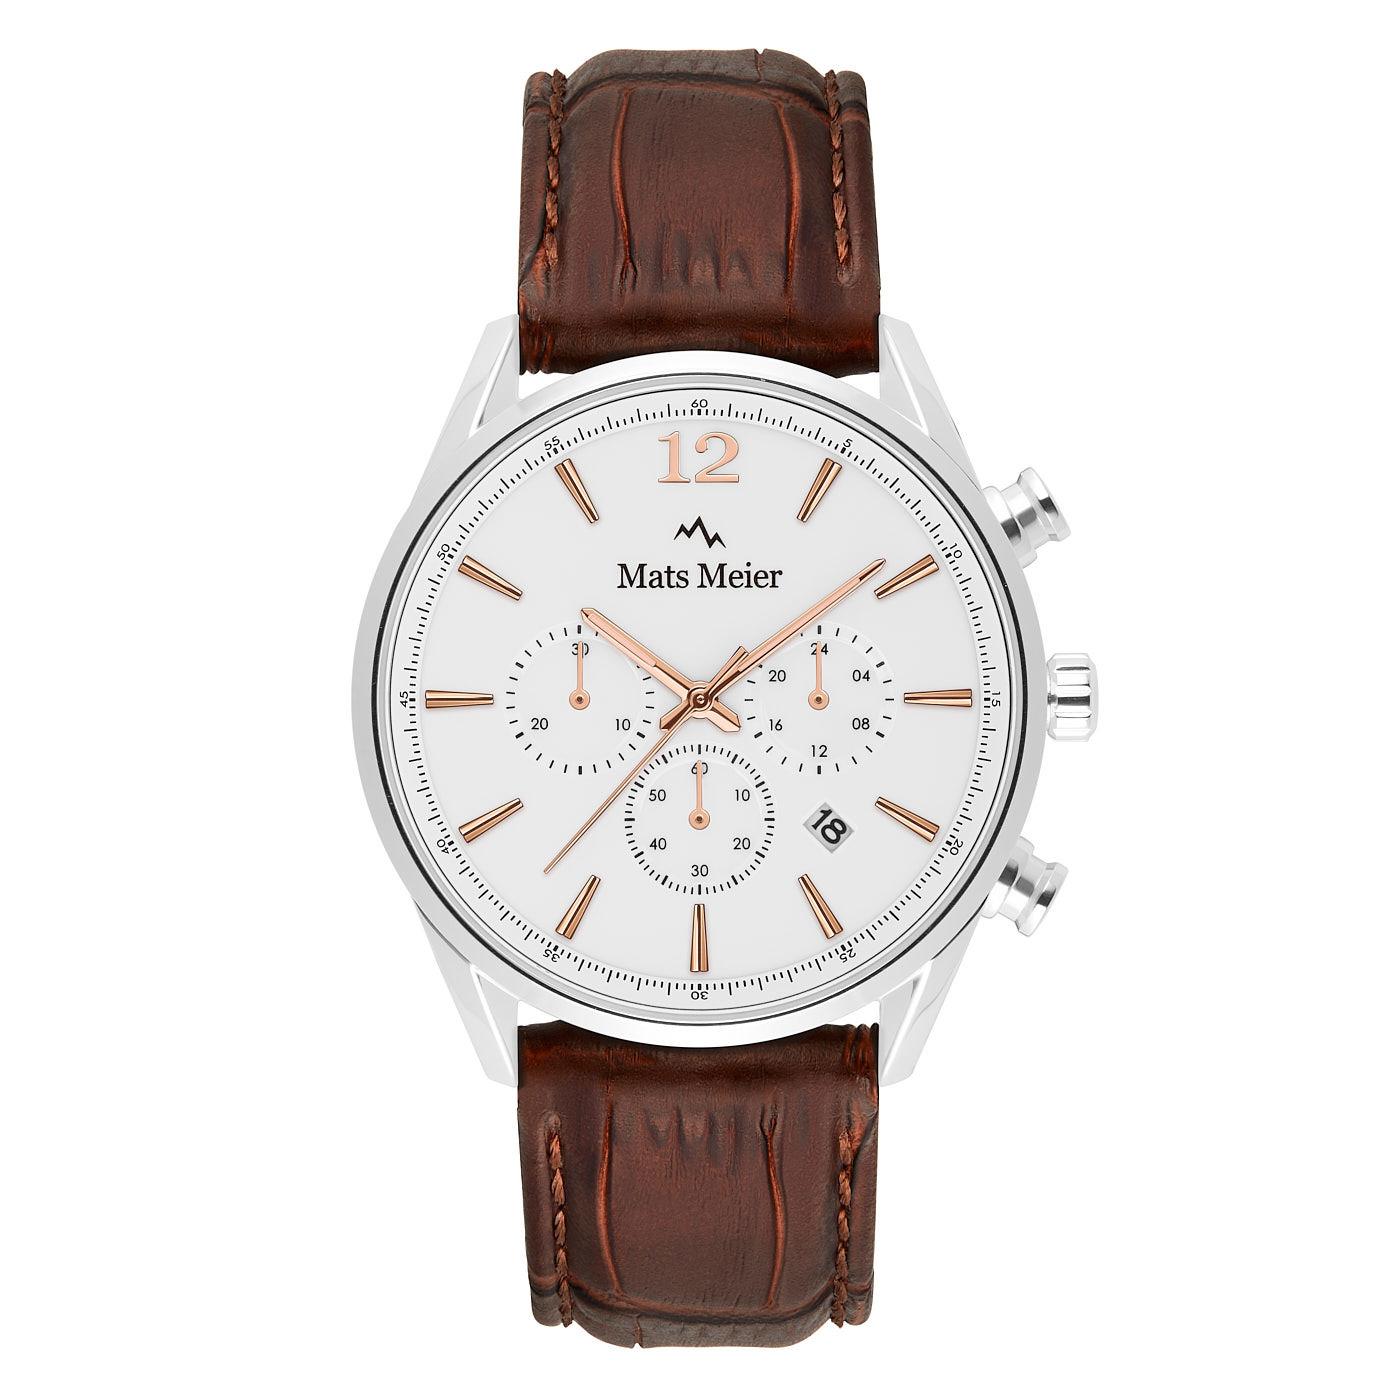 Mats Meier Grand Cornier chronograaf herenhorloge white / bruin